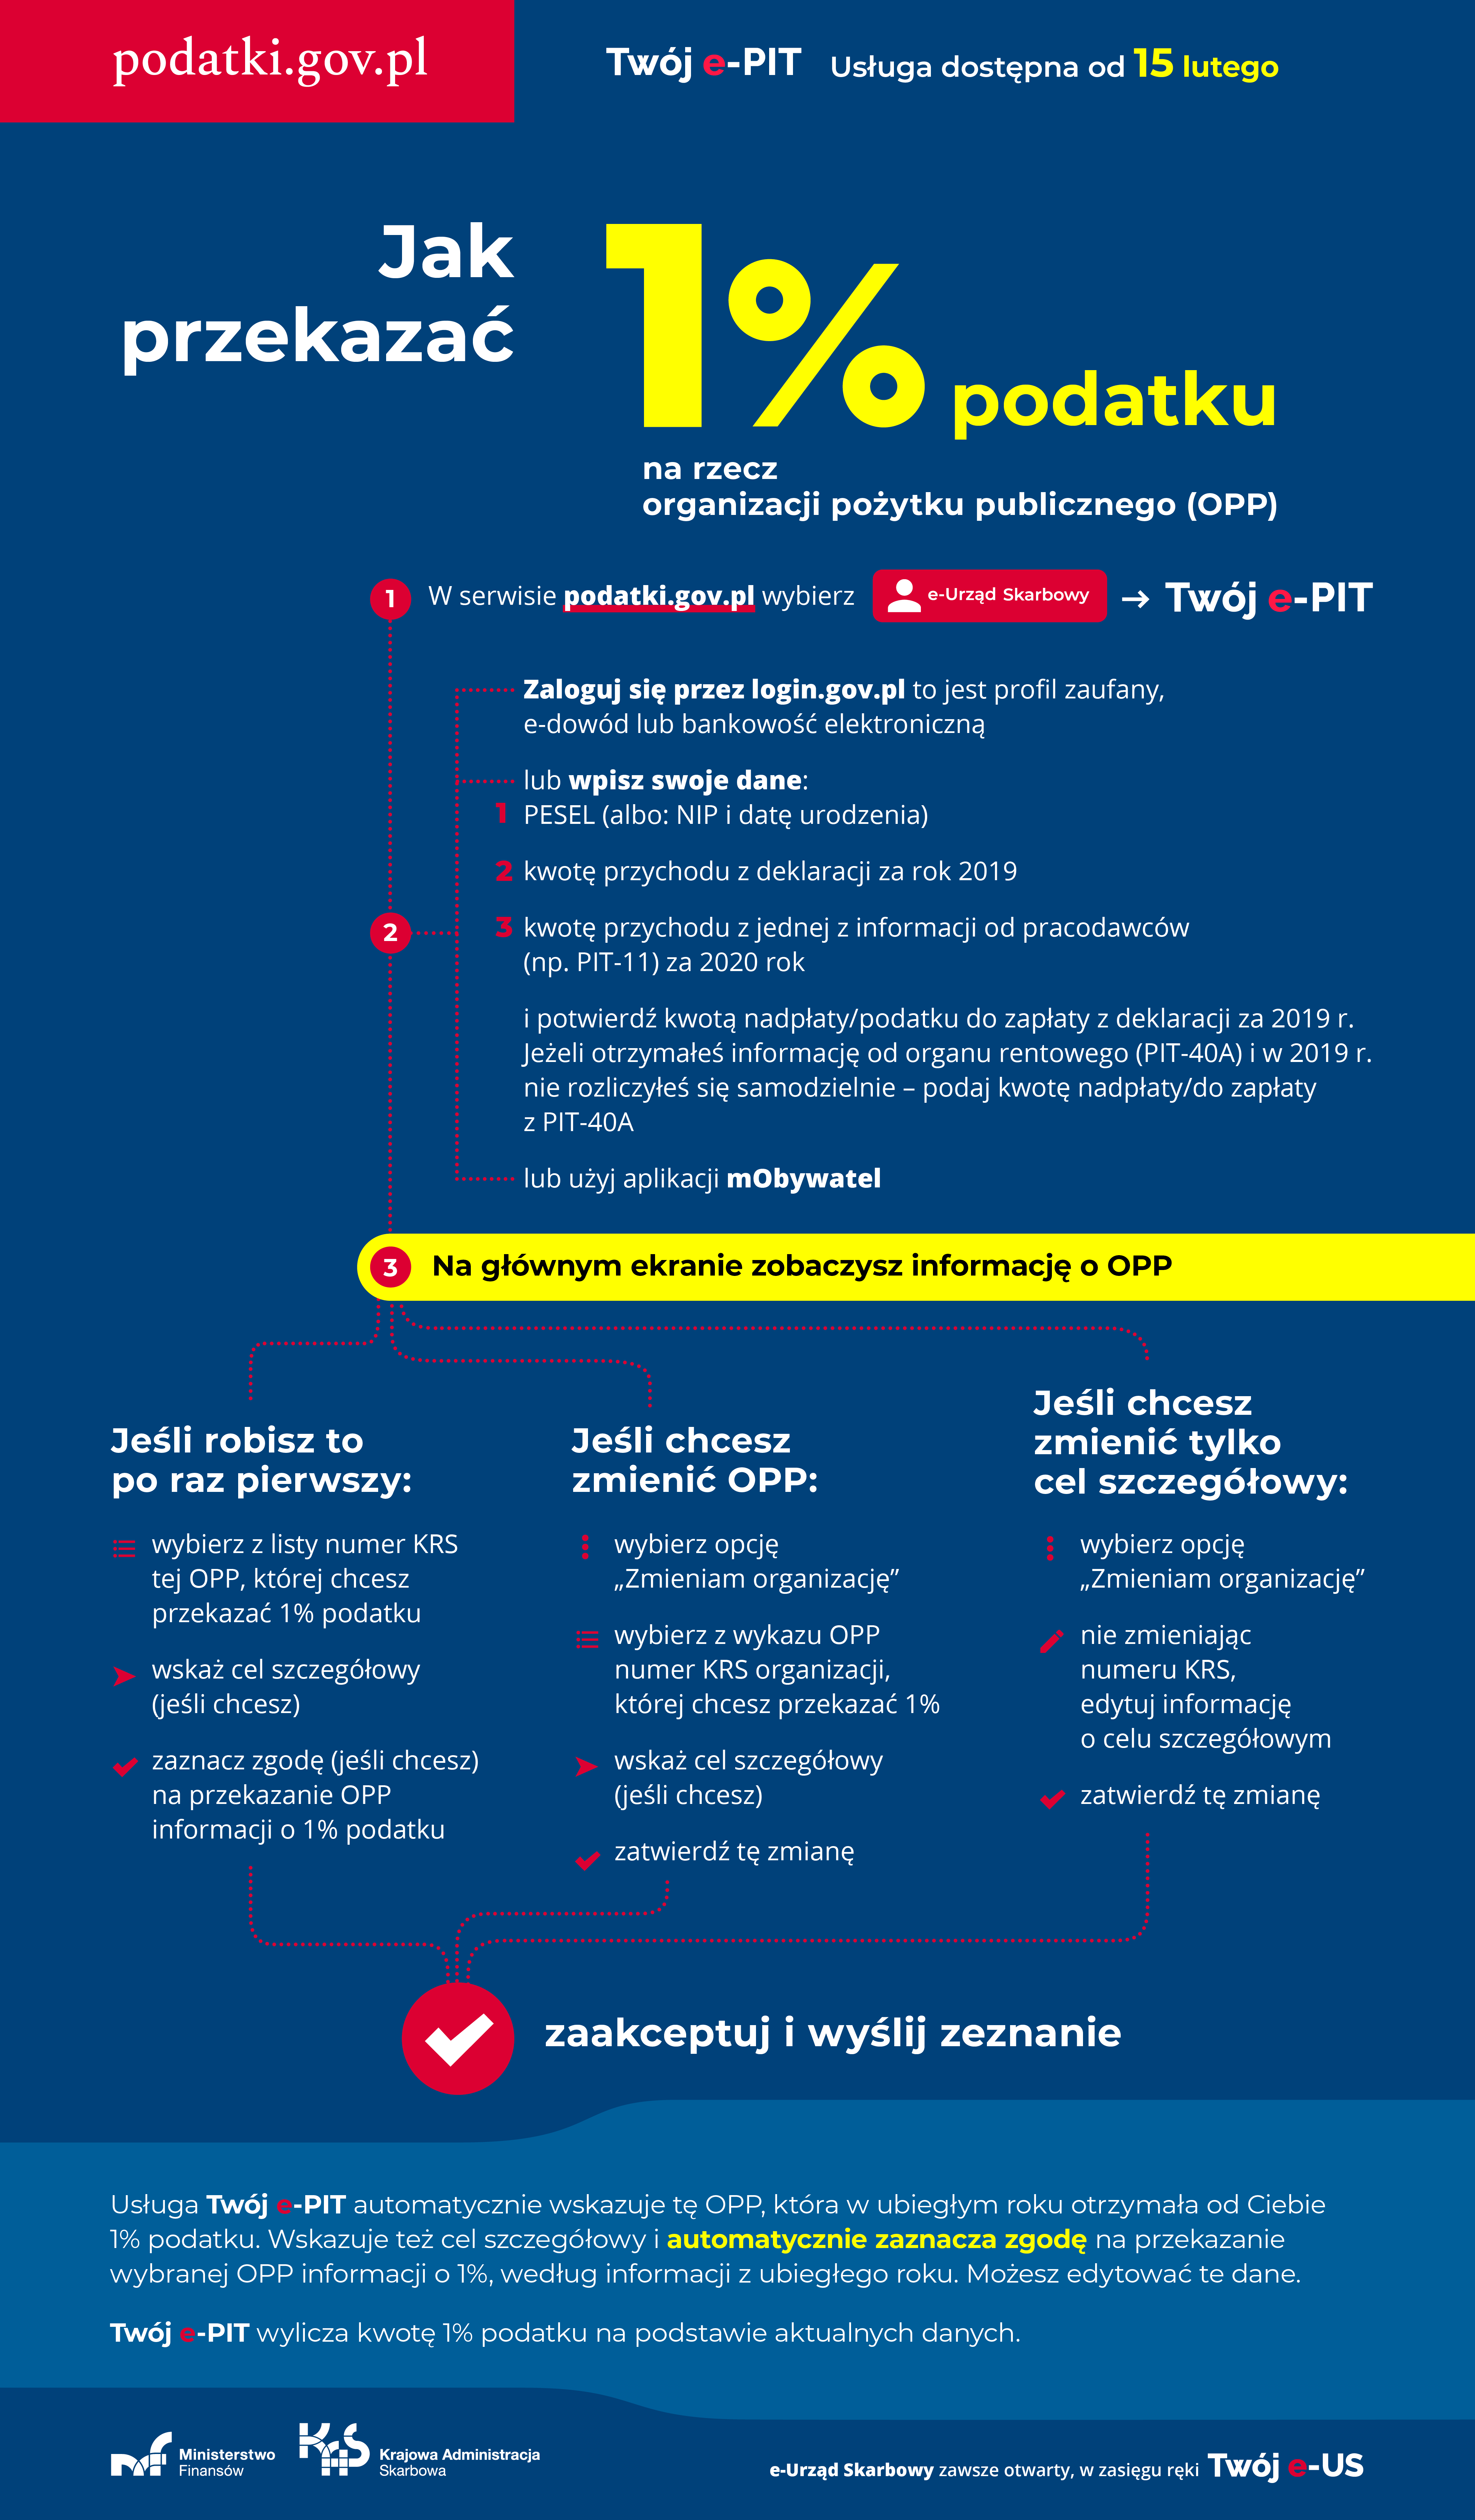 Infografika. Jak przekazać 1 % podatku na rzecz wybranej OPP. Wersja tekstowa dostępna poniżej